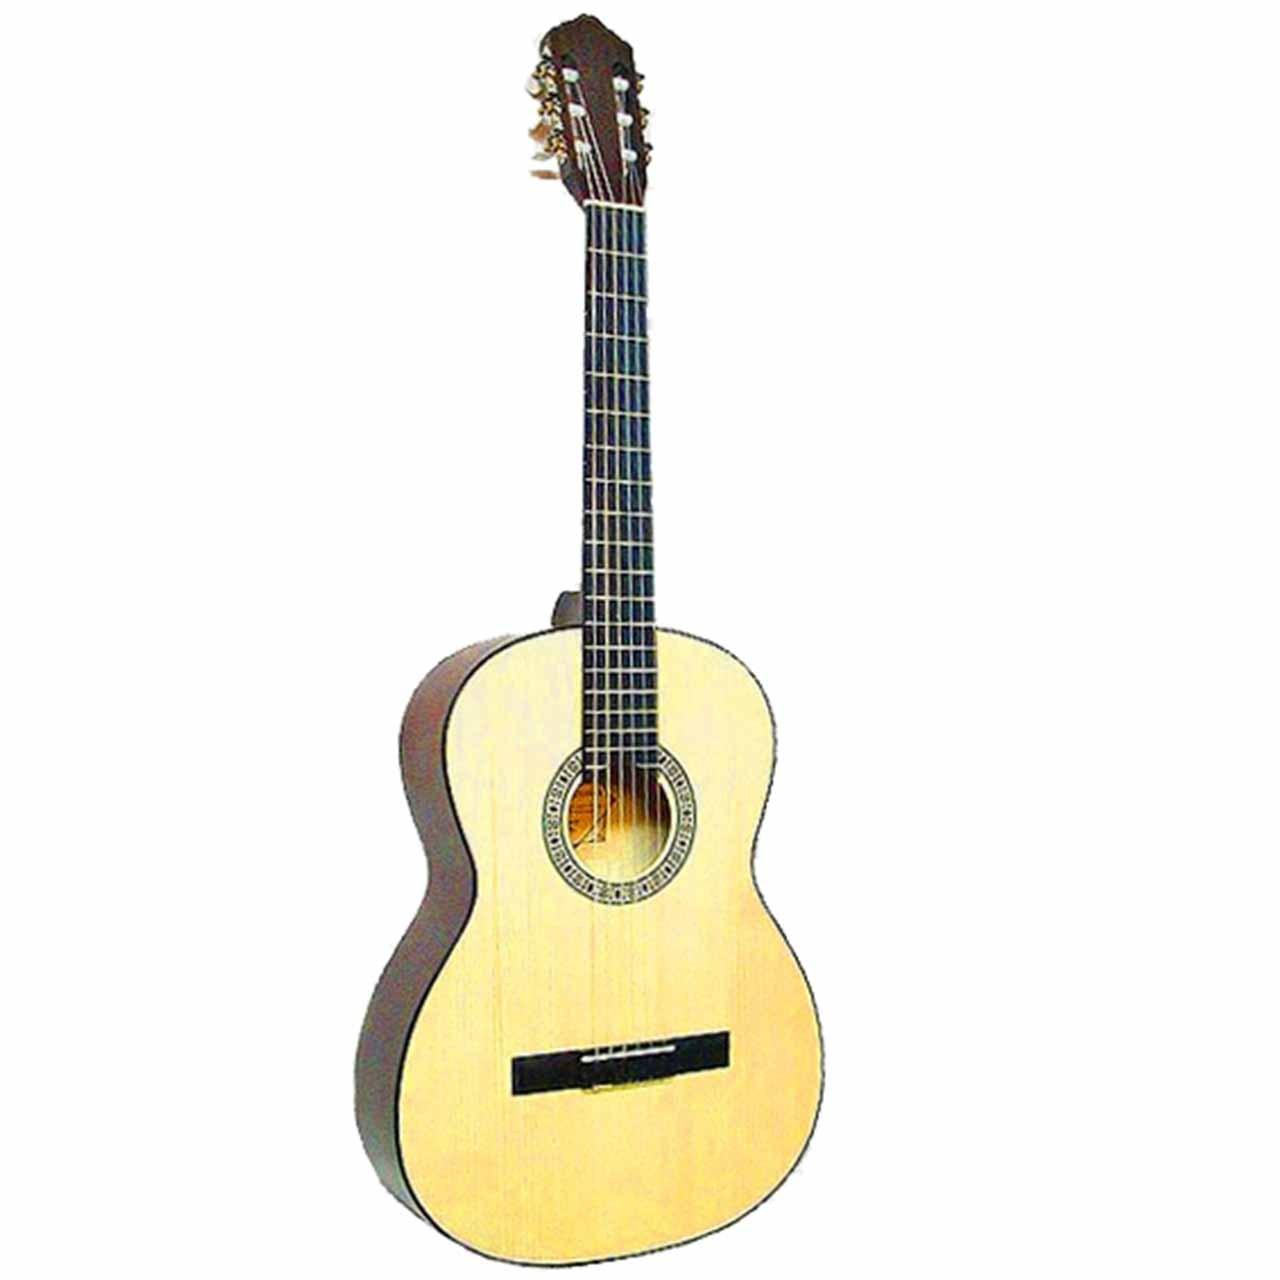 گیتار کلاسیک اشترونال مدل 4670